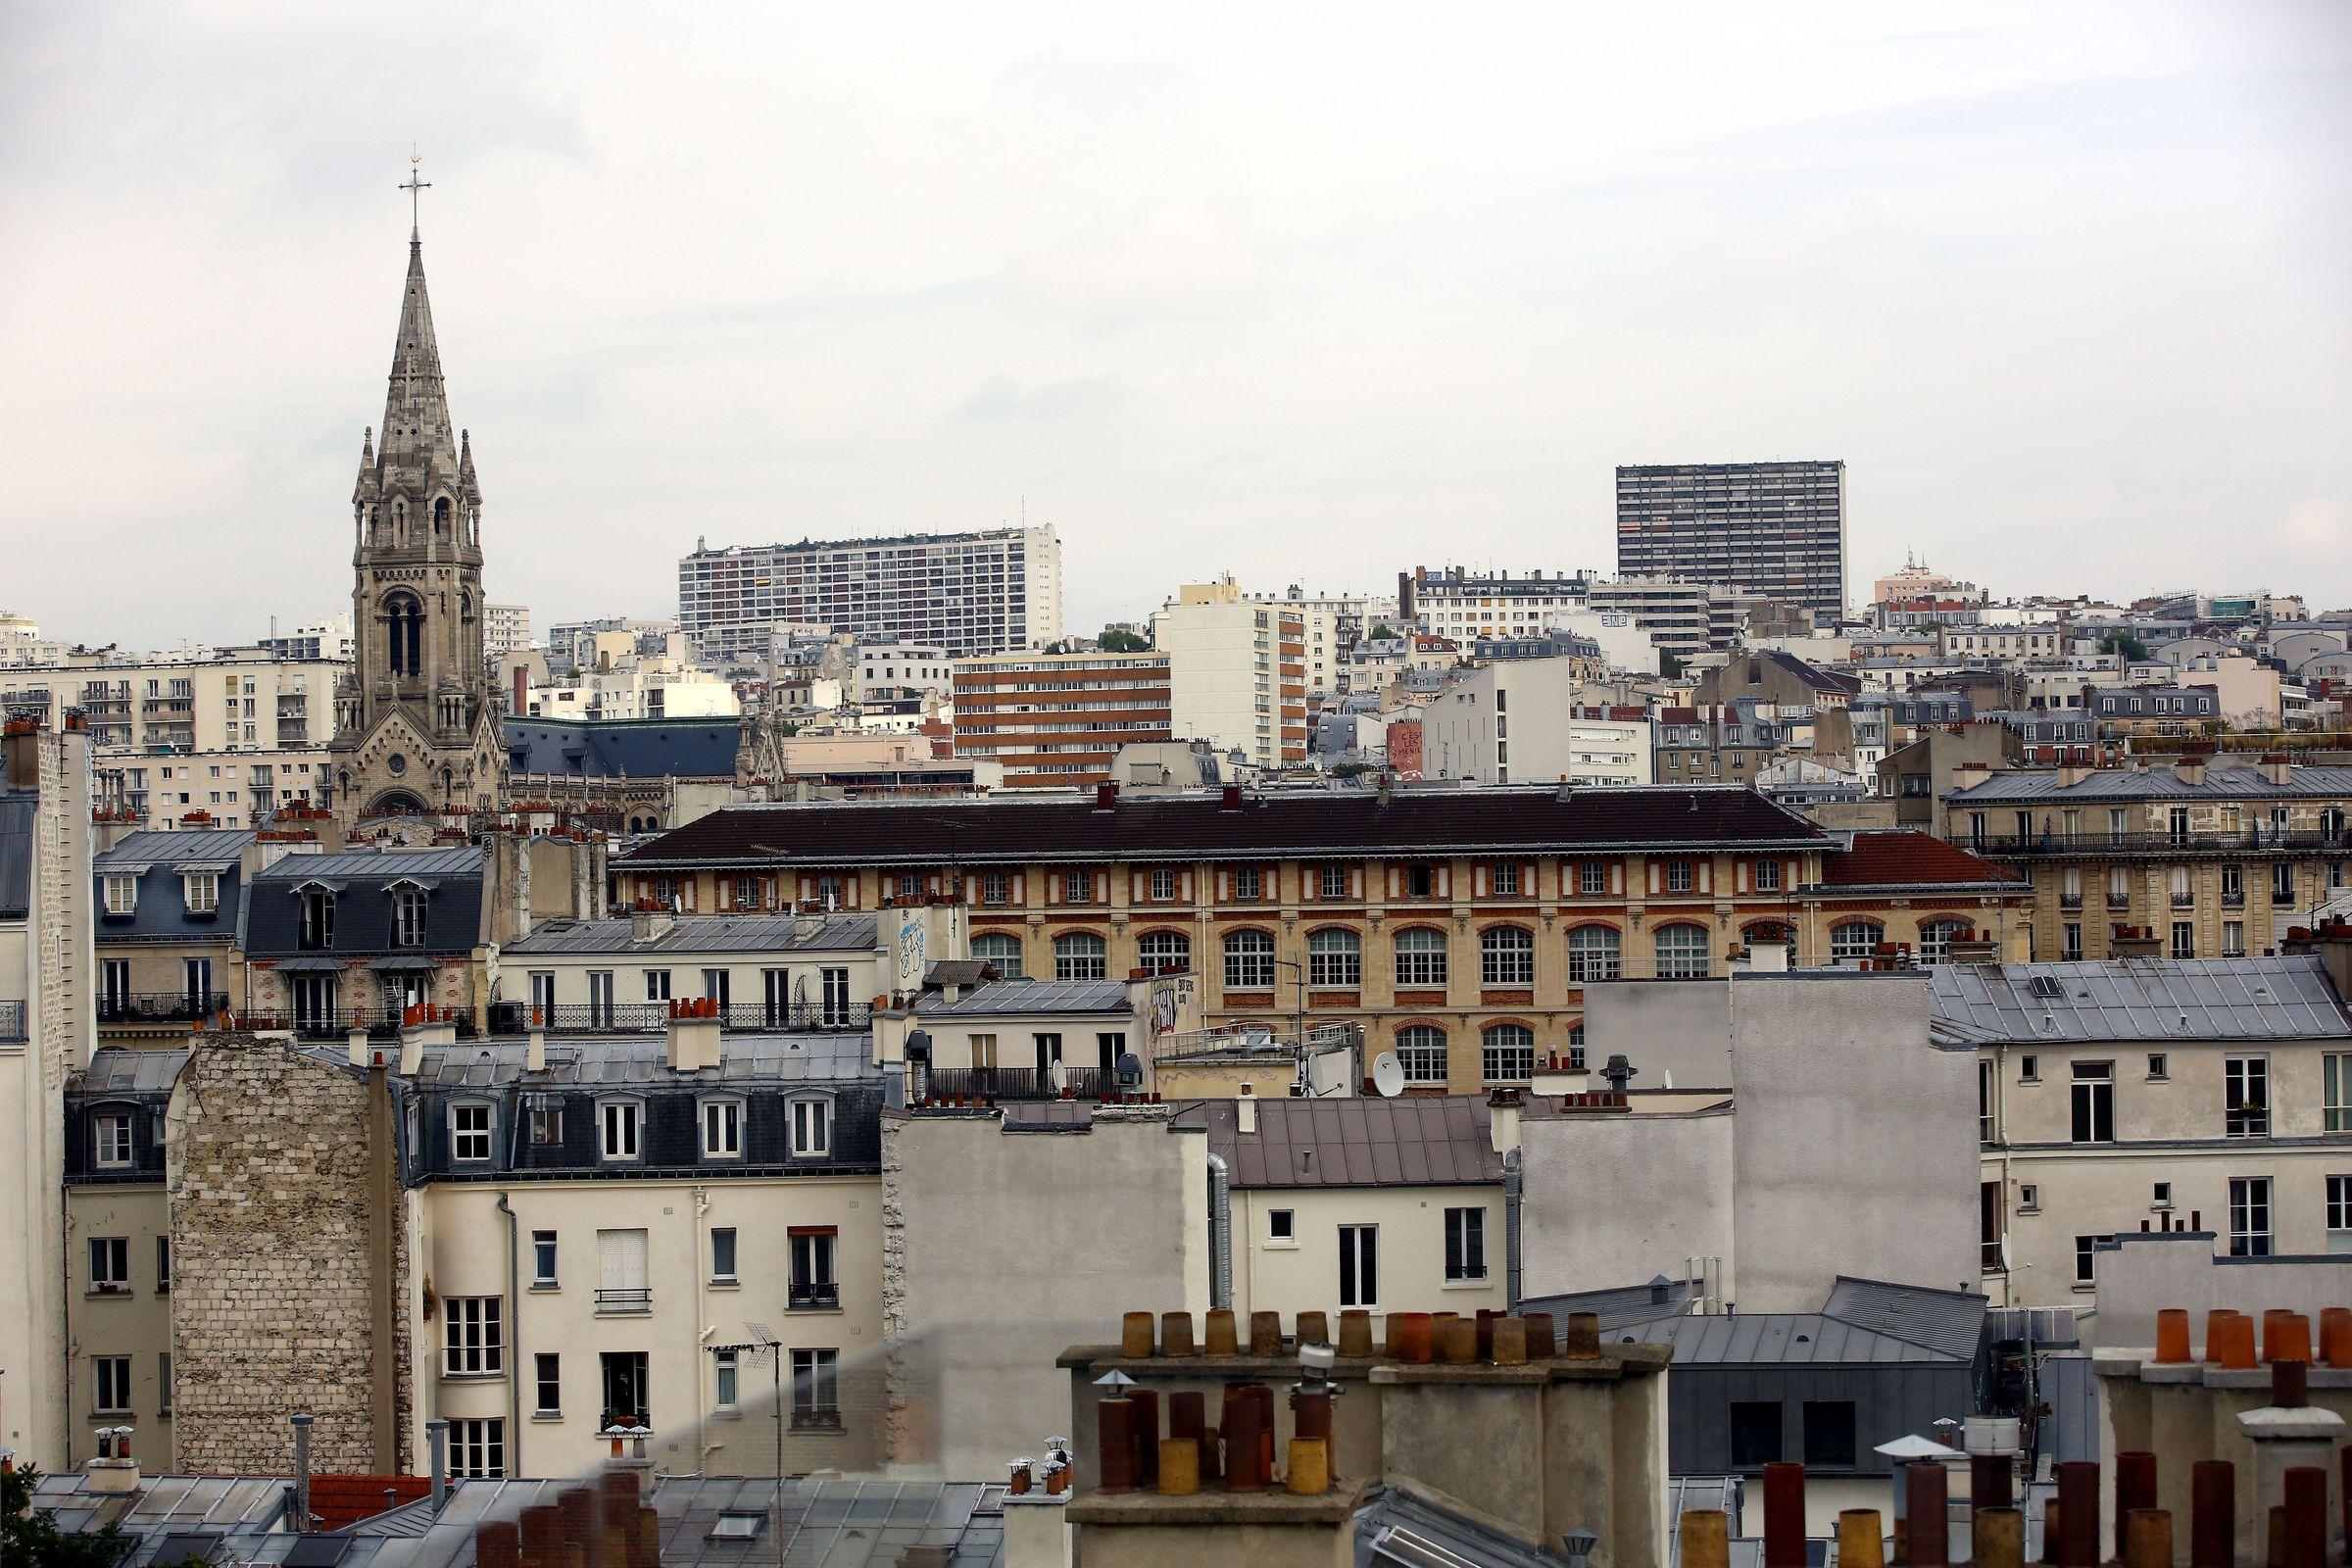 Anciennes carrières : Paris est loin d'être épargné par les risques d'effondrement